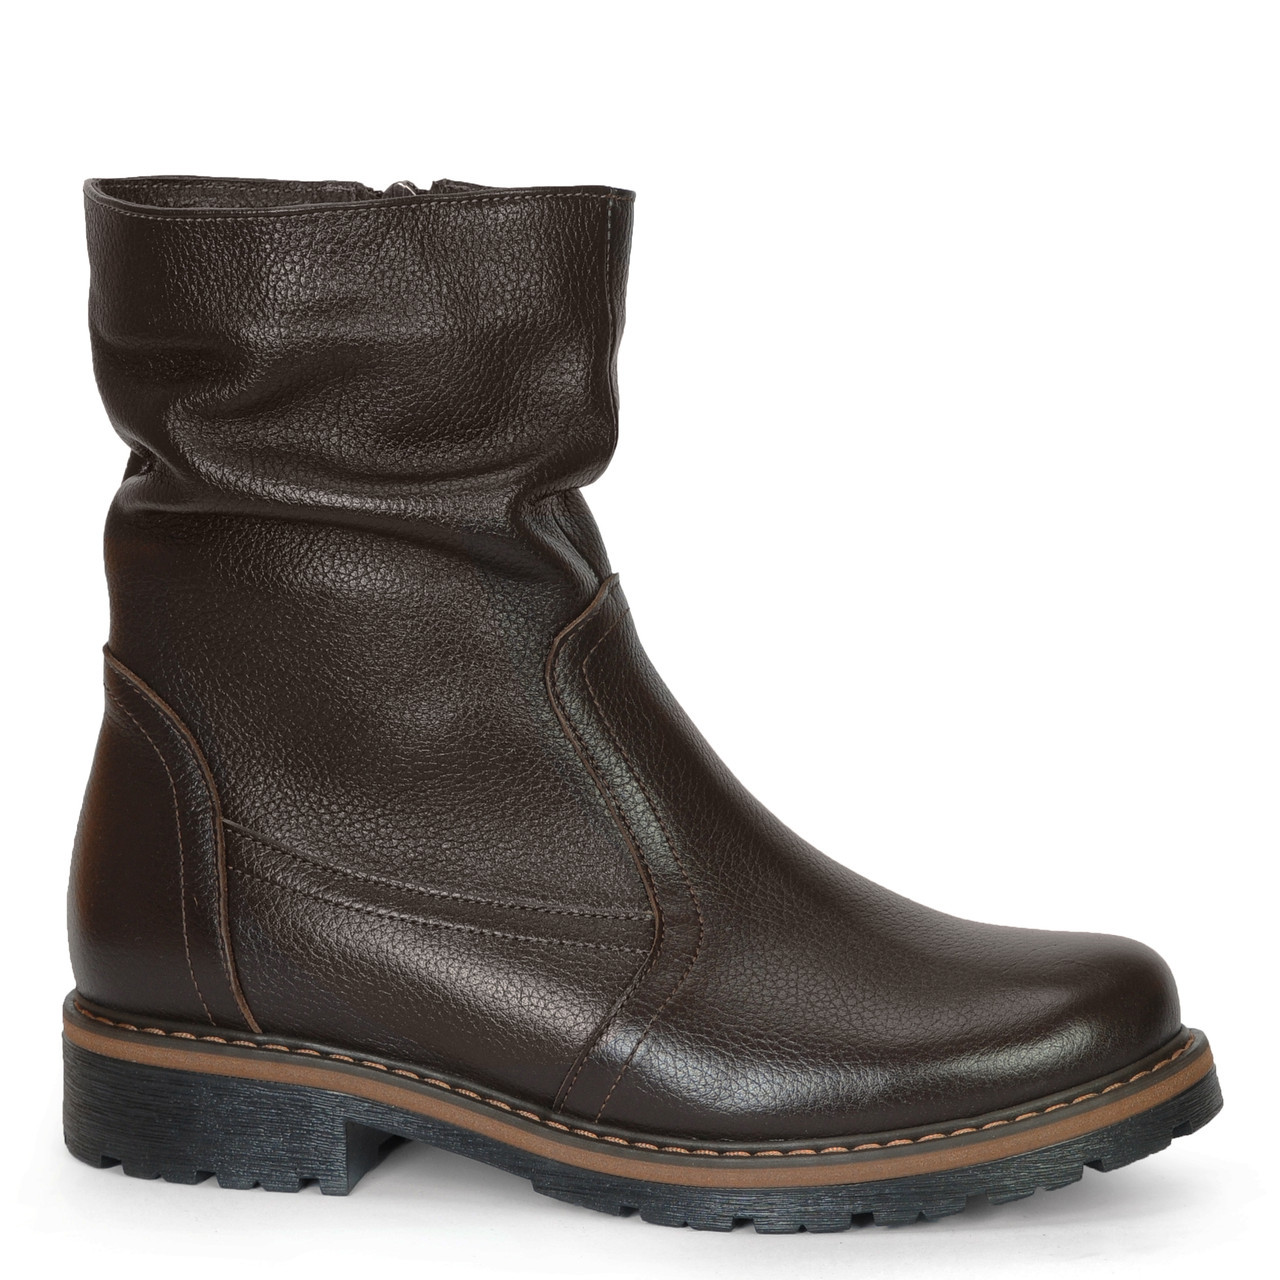 Жіночі замшеві черевики шкіряні напівчеревики напівчоботи чоботи TIFFANY на підборах платформі Хутро зима ПШ